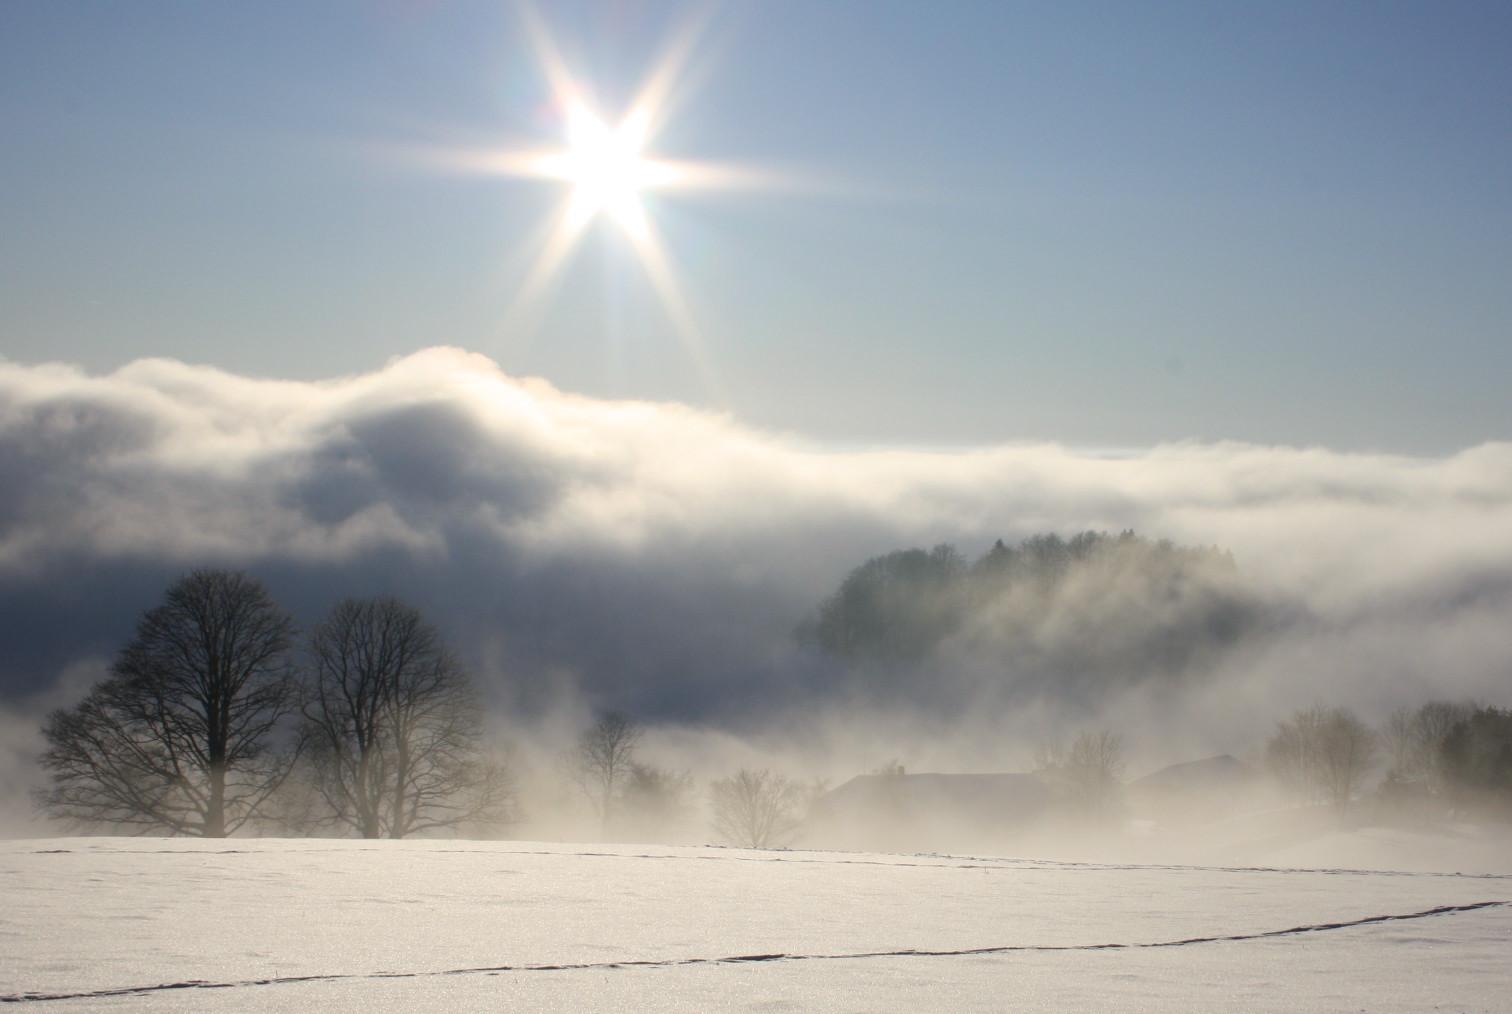 winter impressionen von sonne in den nebel auf dem schauinsland foto bild jahreszeiten. Black Bedroom Furniture Sets. Home Design Ideas